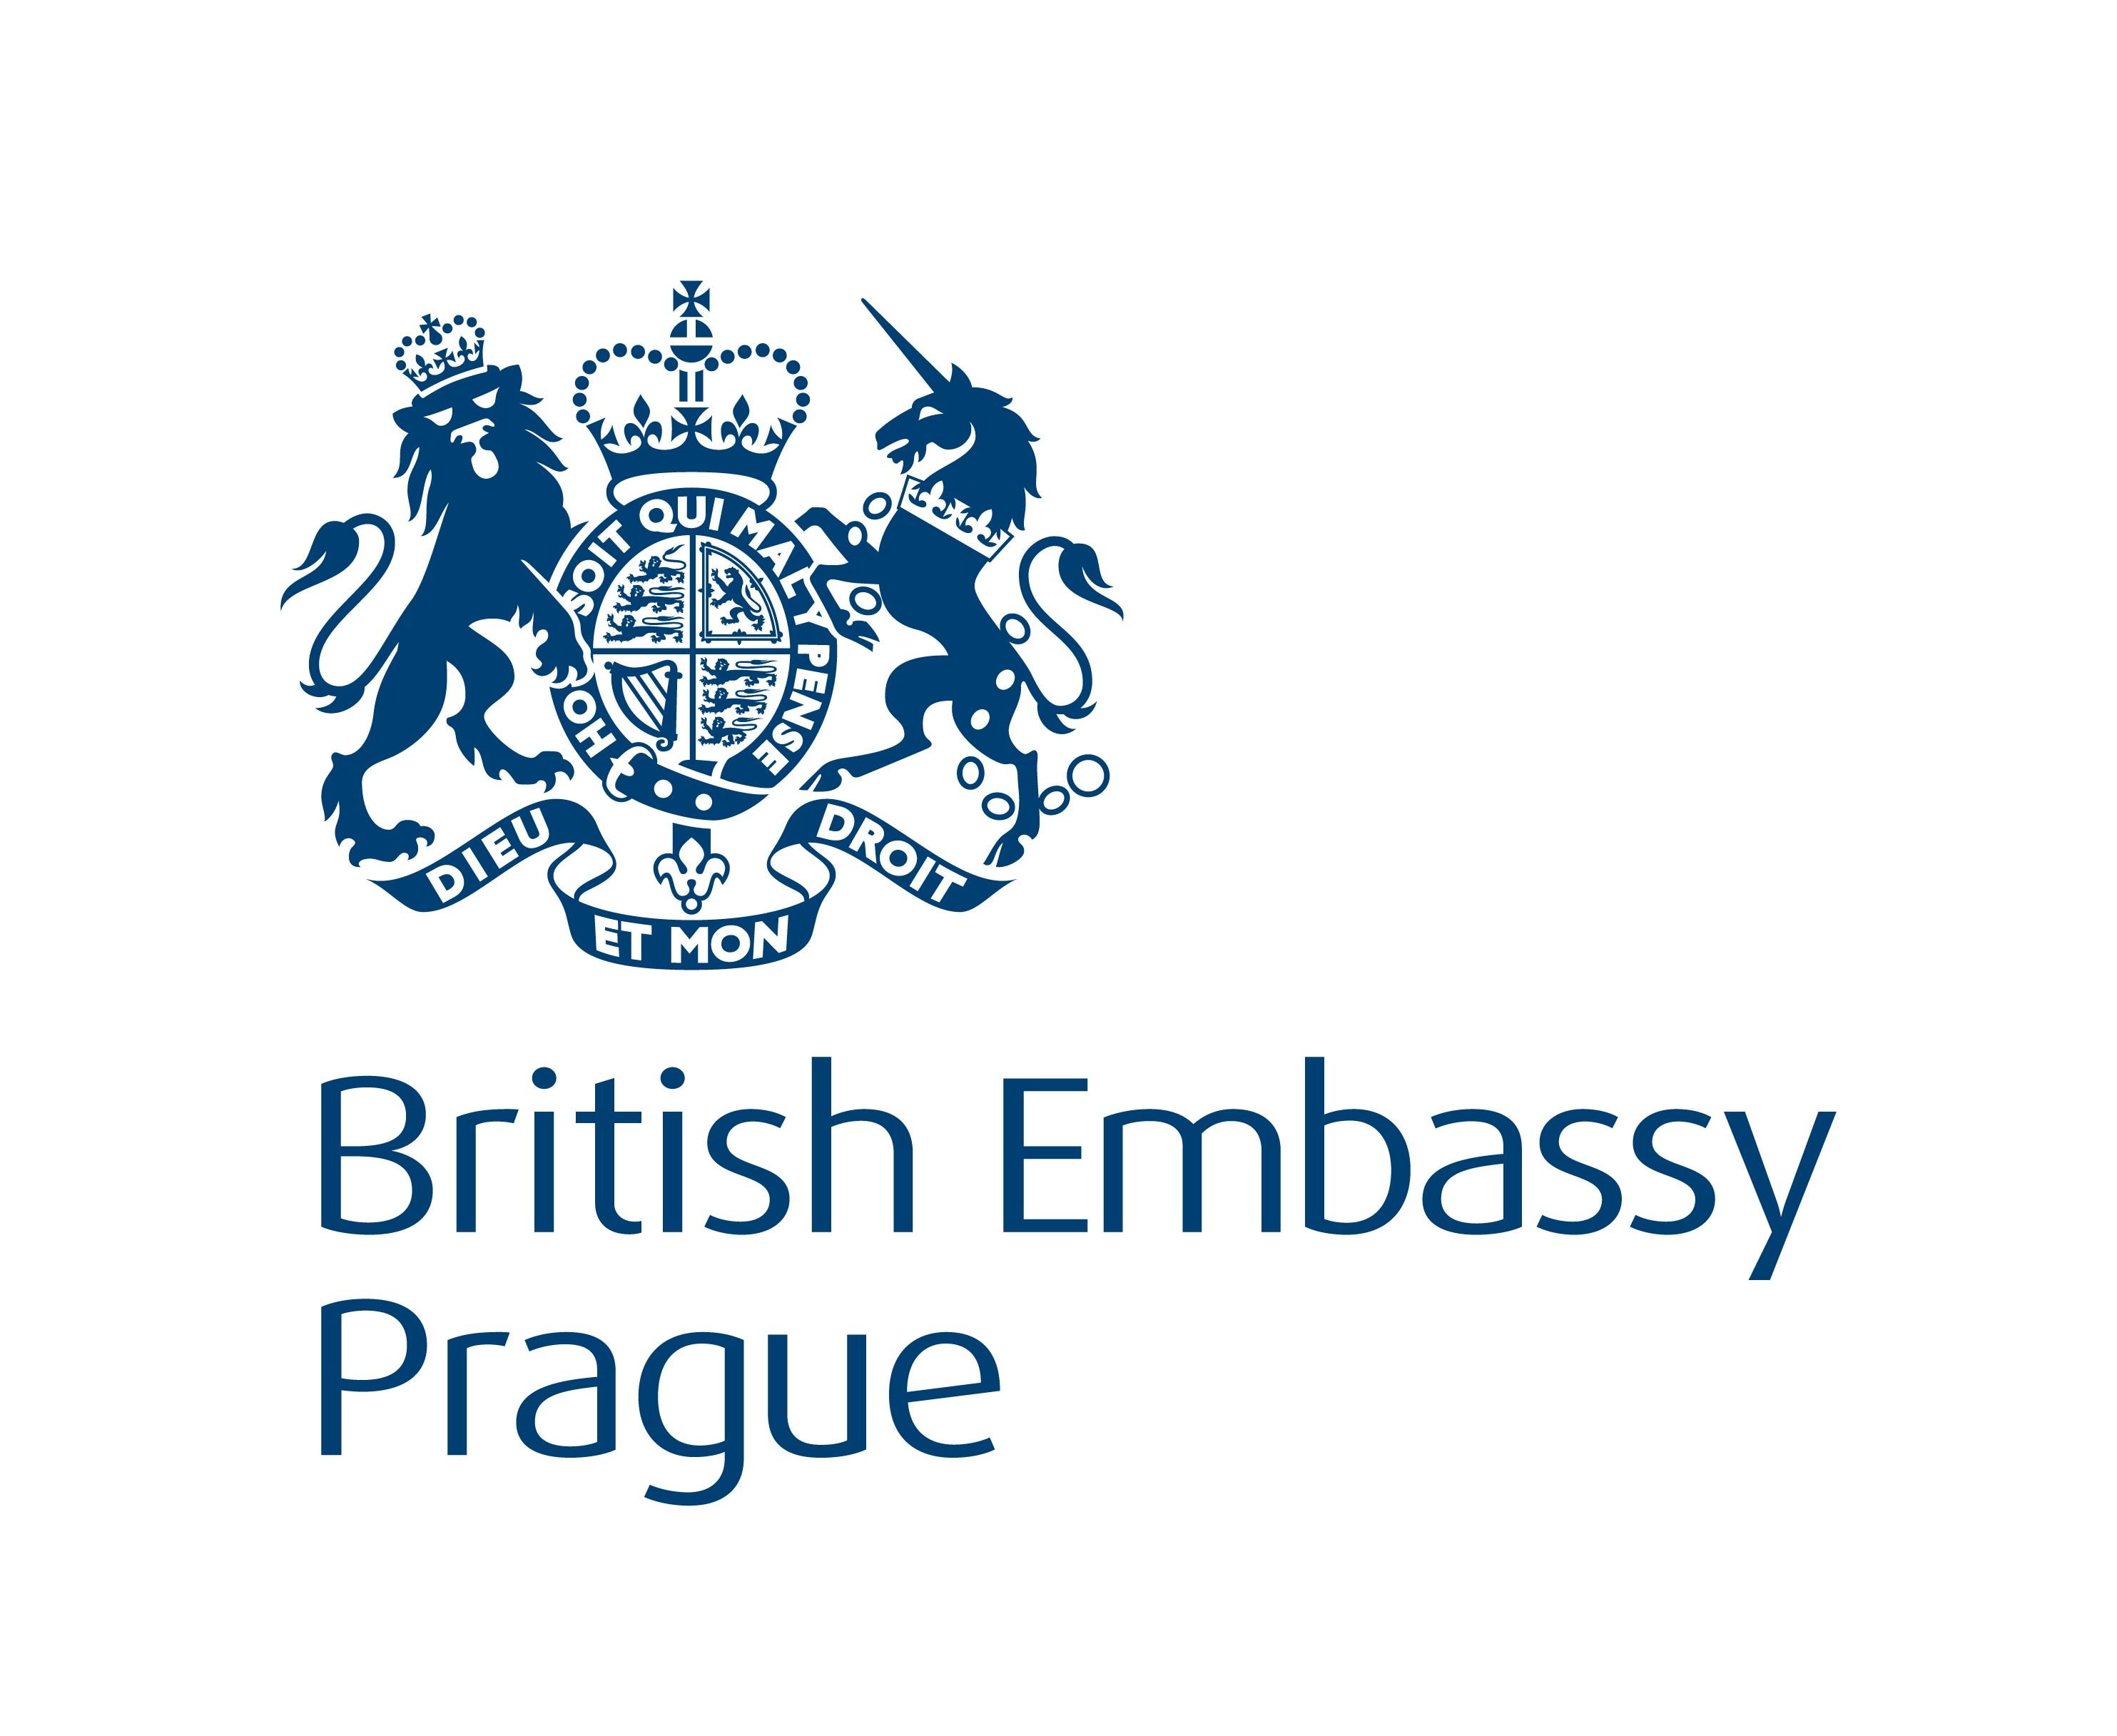 British Embassy Prague